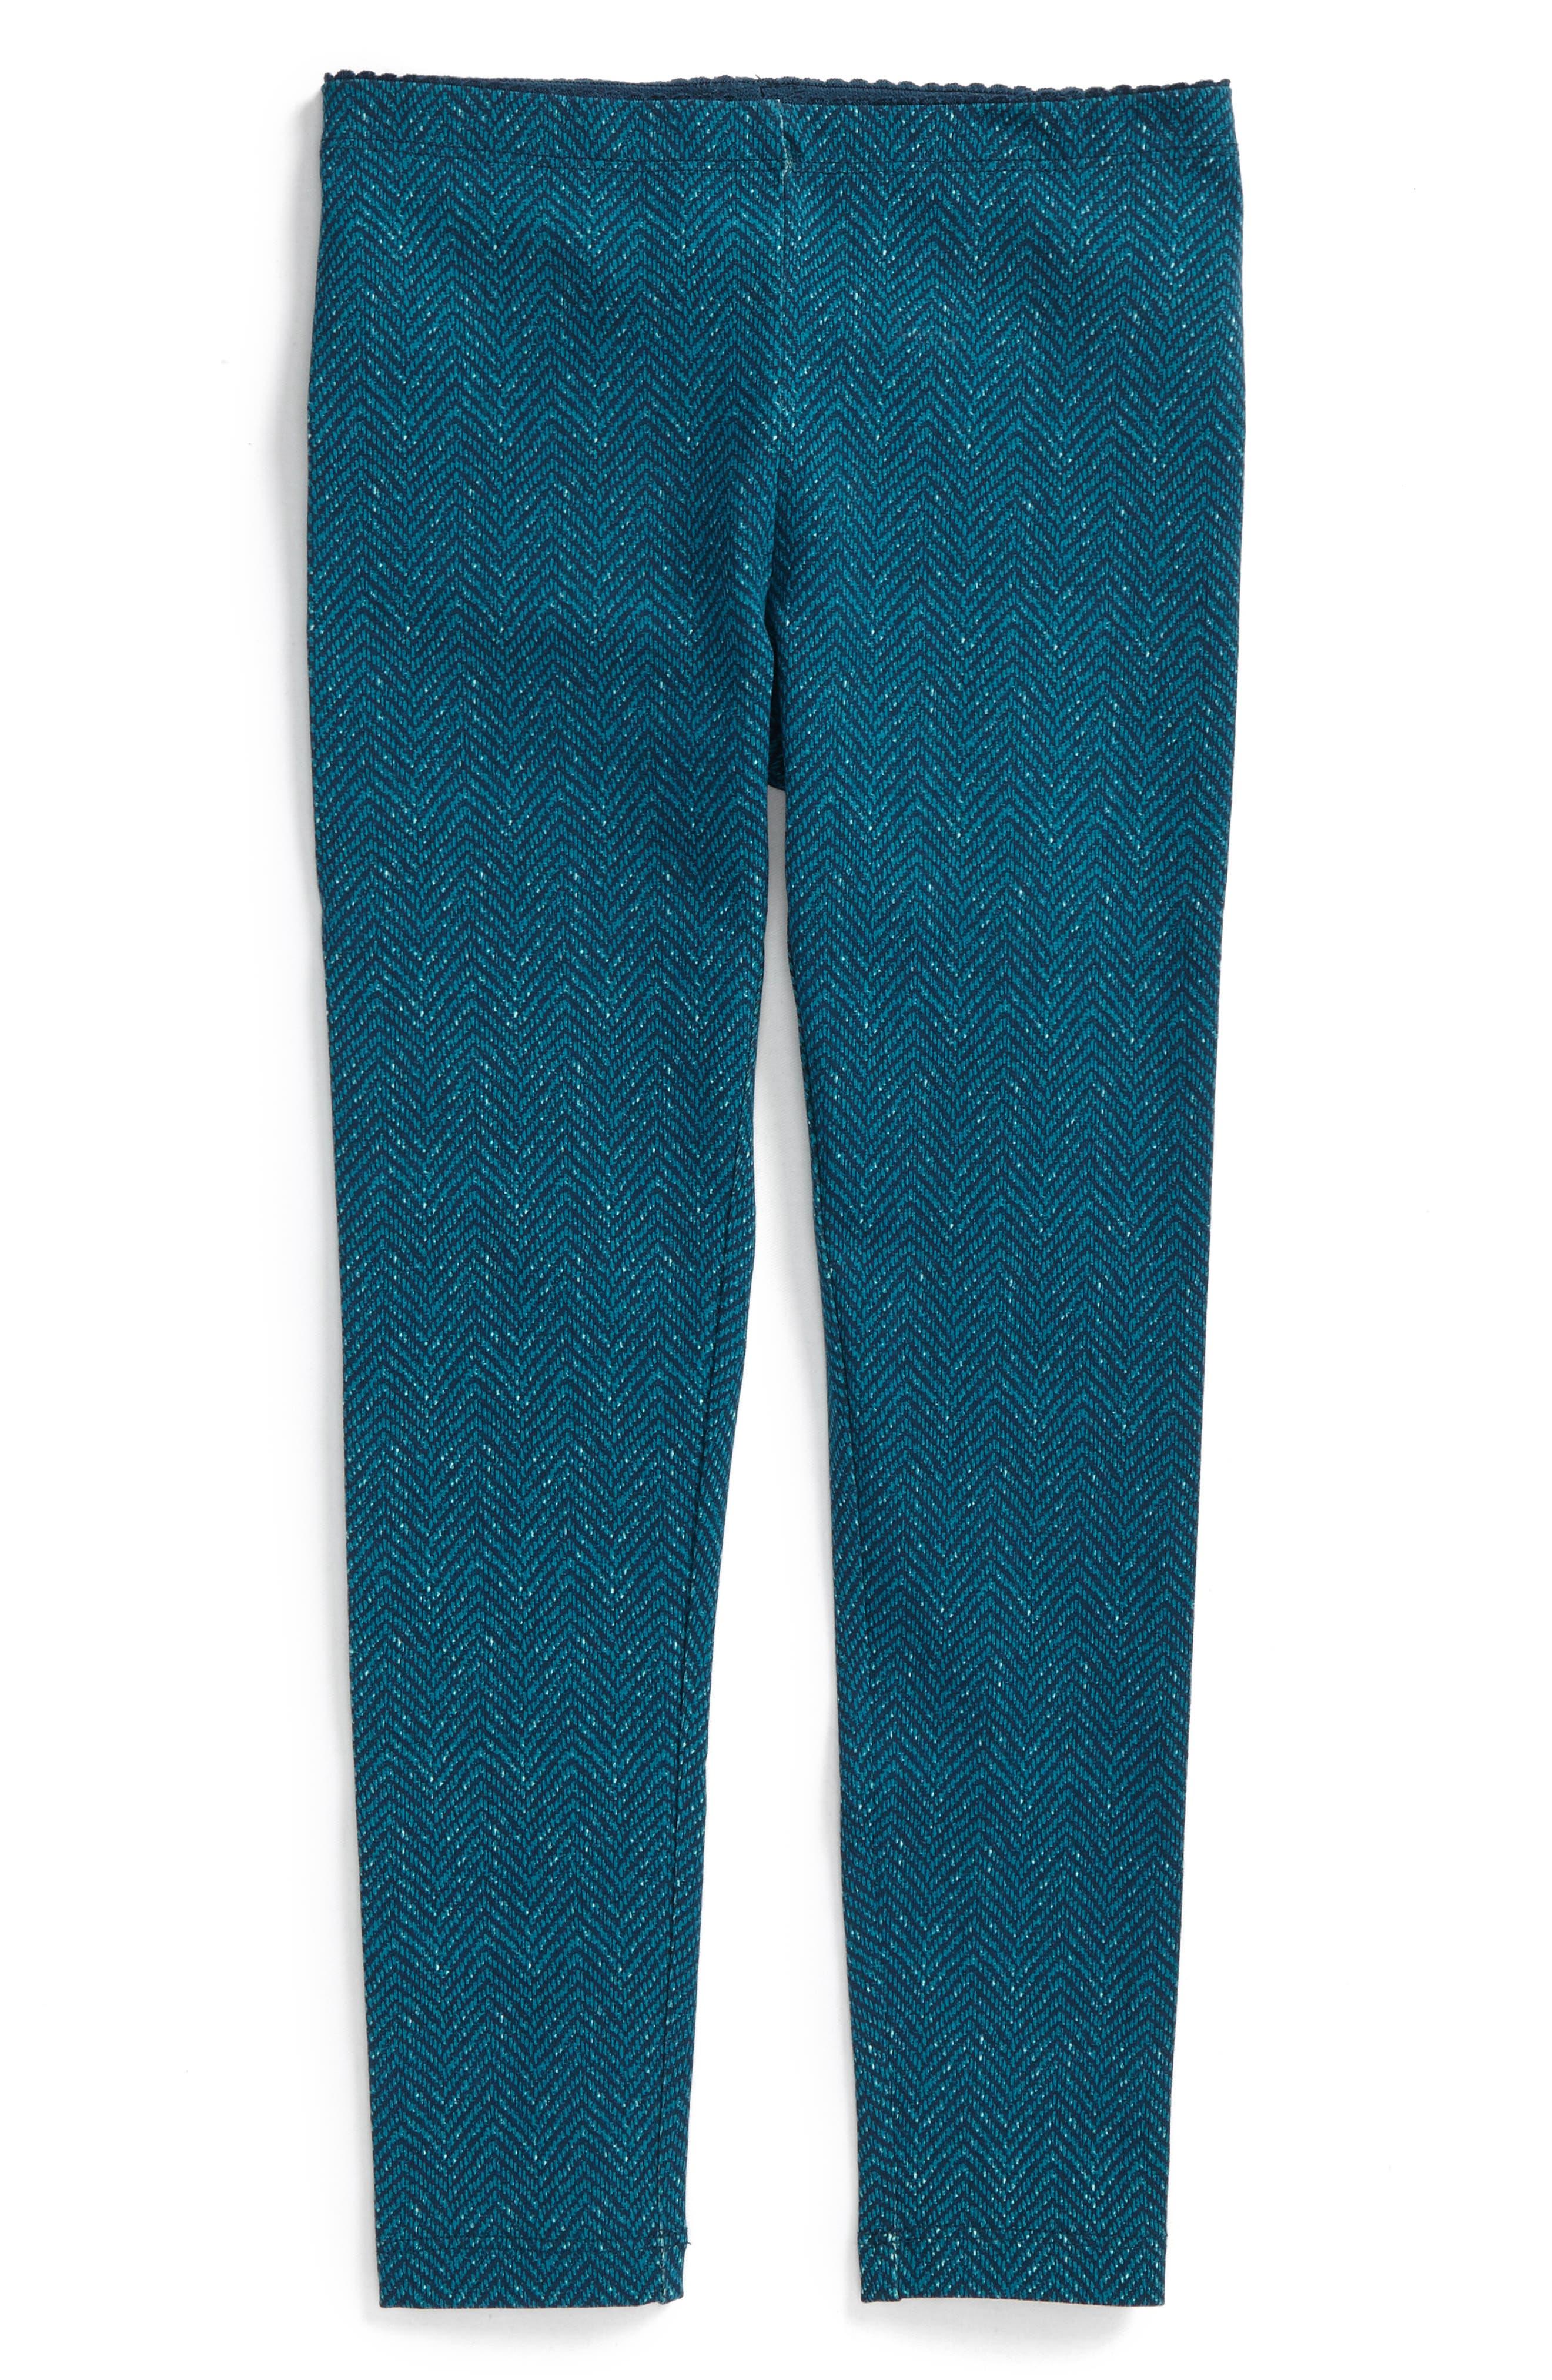 Tweed Print Leggings,                         Main,                         color,